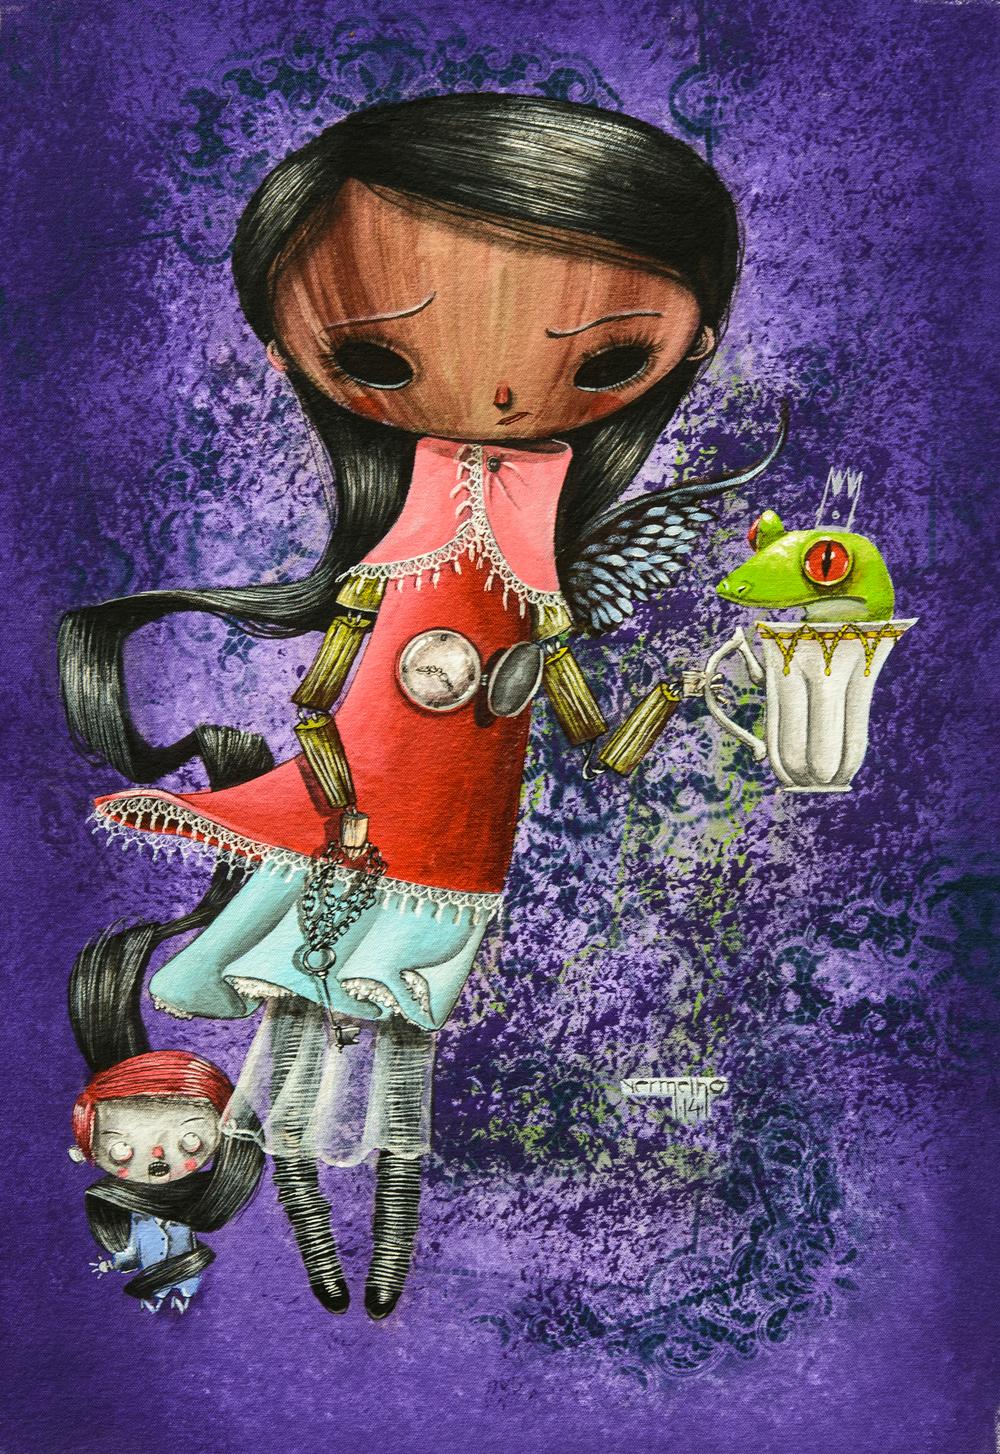 """Vermelho, """"Princesa Olimpia E Sua Rã (Princess Olimpia And Her Frog)"""" (2014)"""